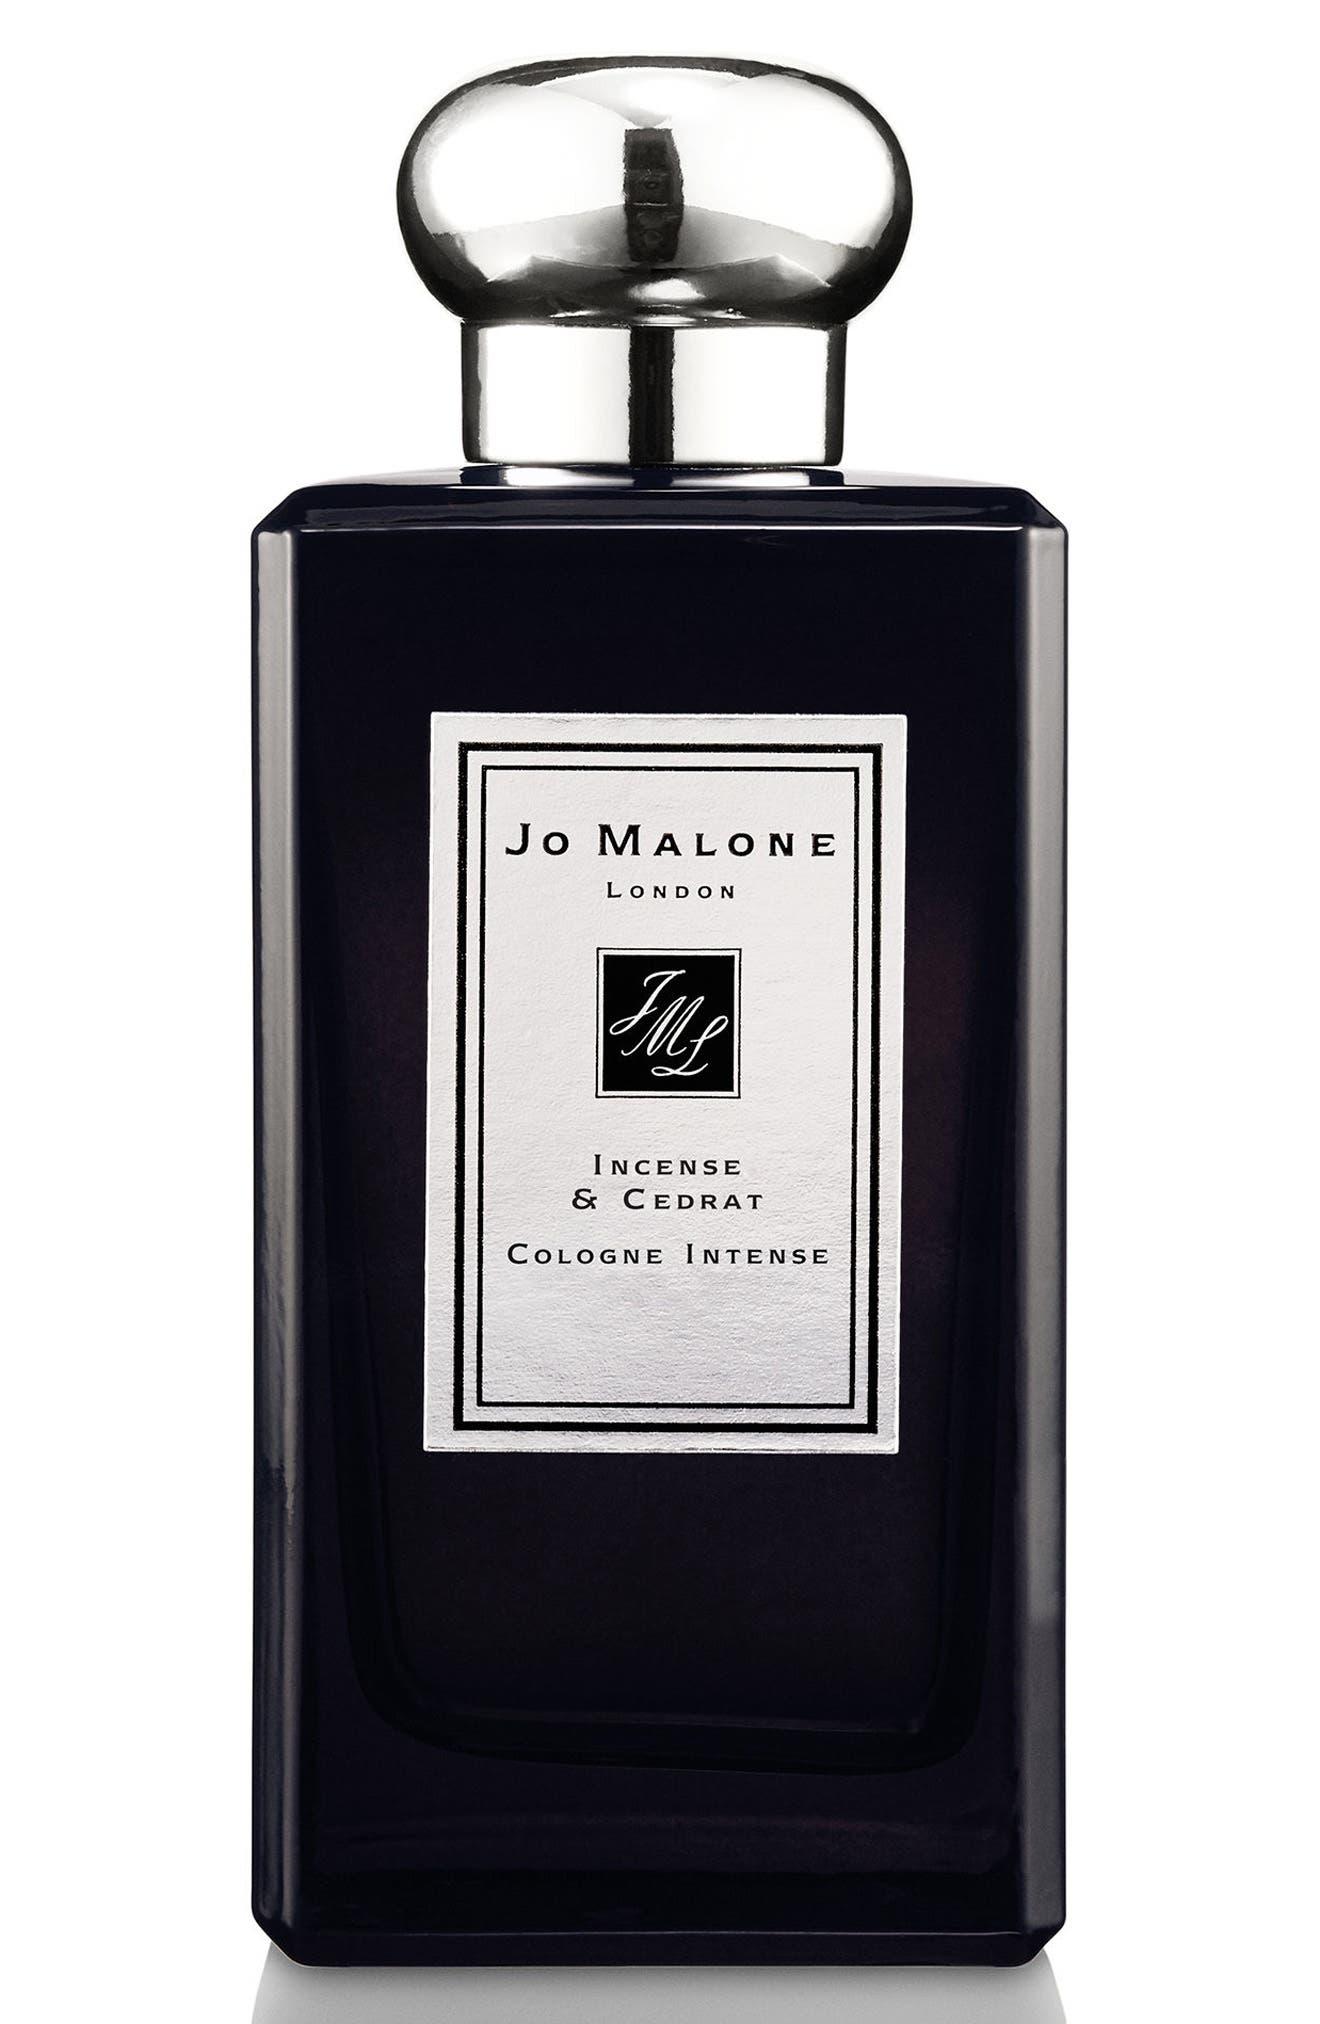 JO MALONE LONDON™ 'Incense & Cedrat' Cologne